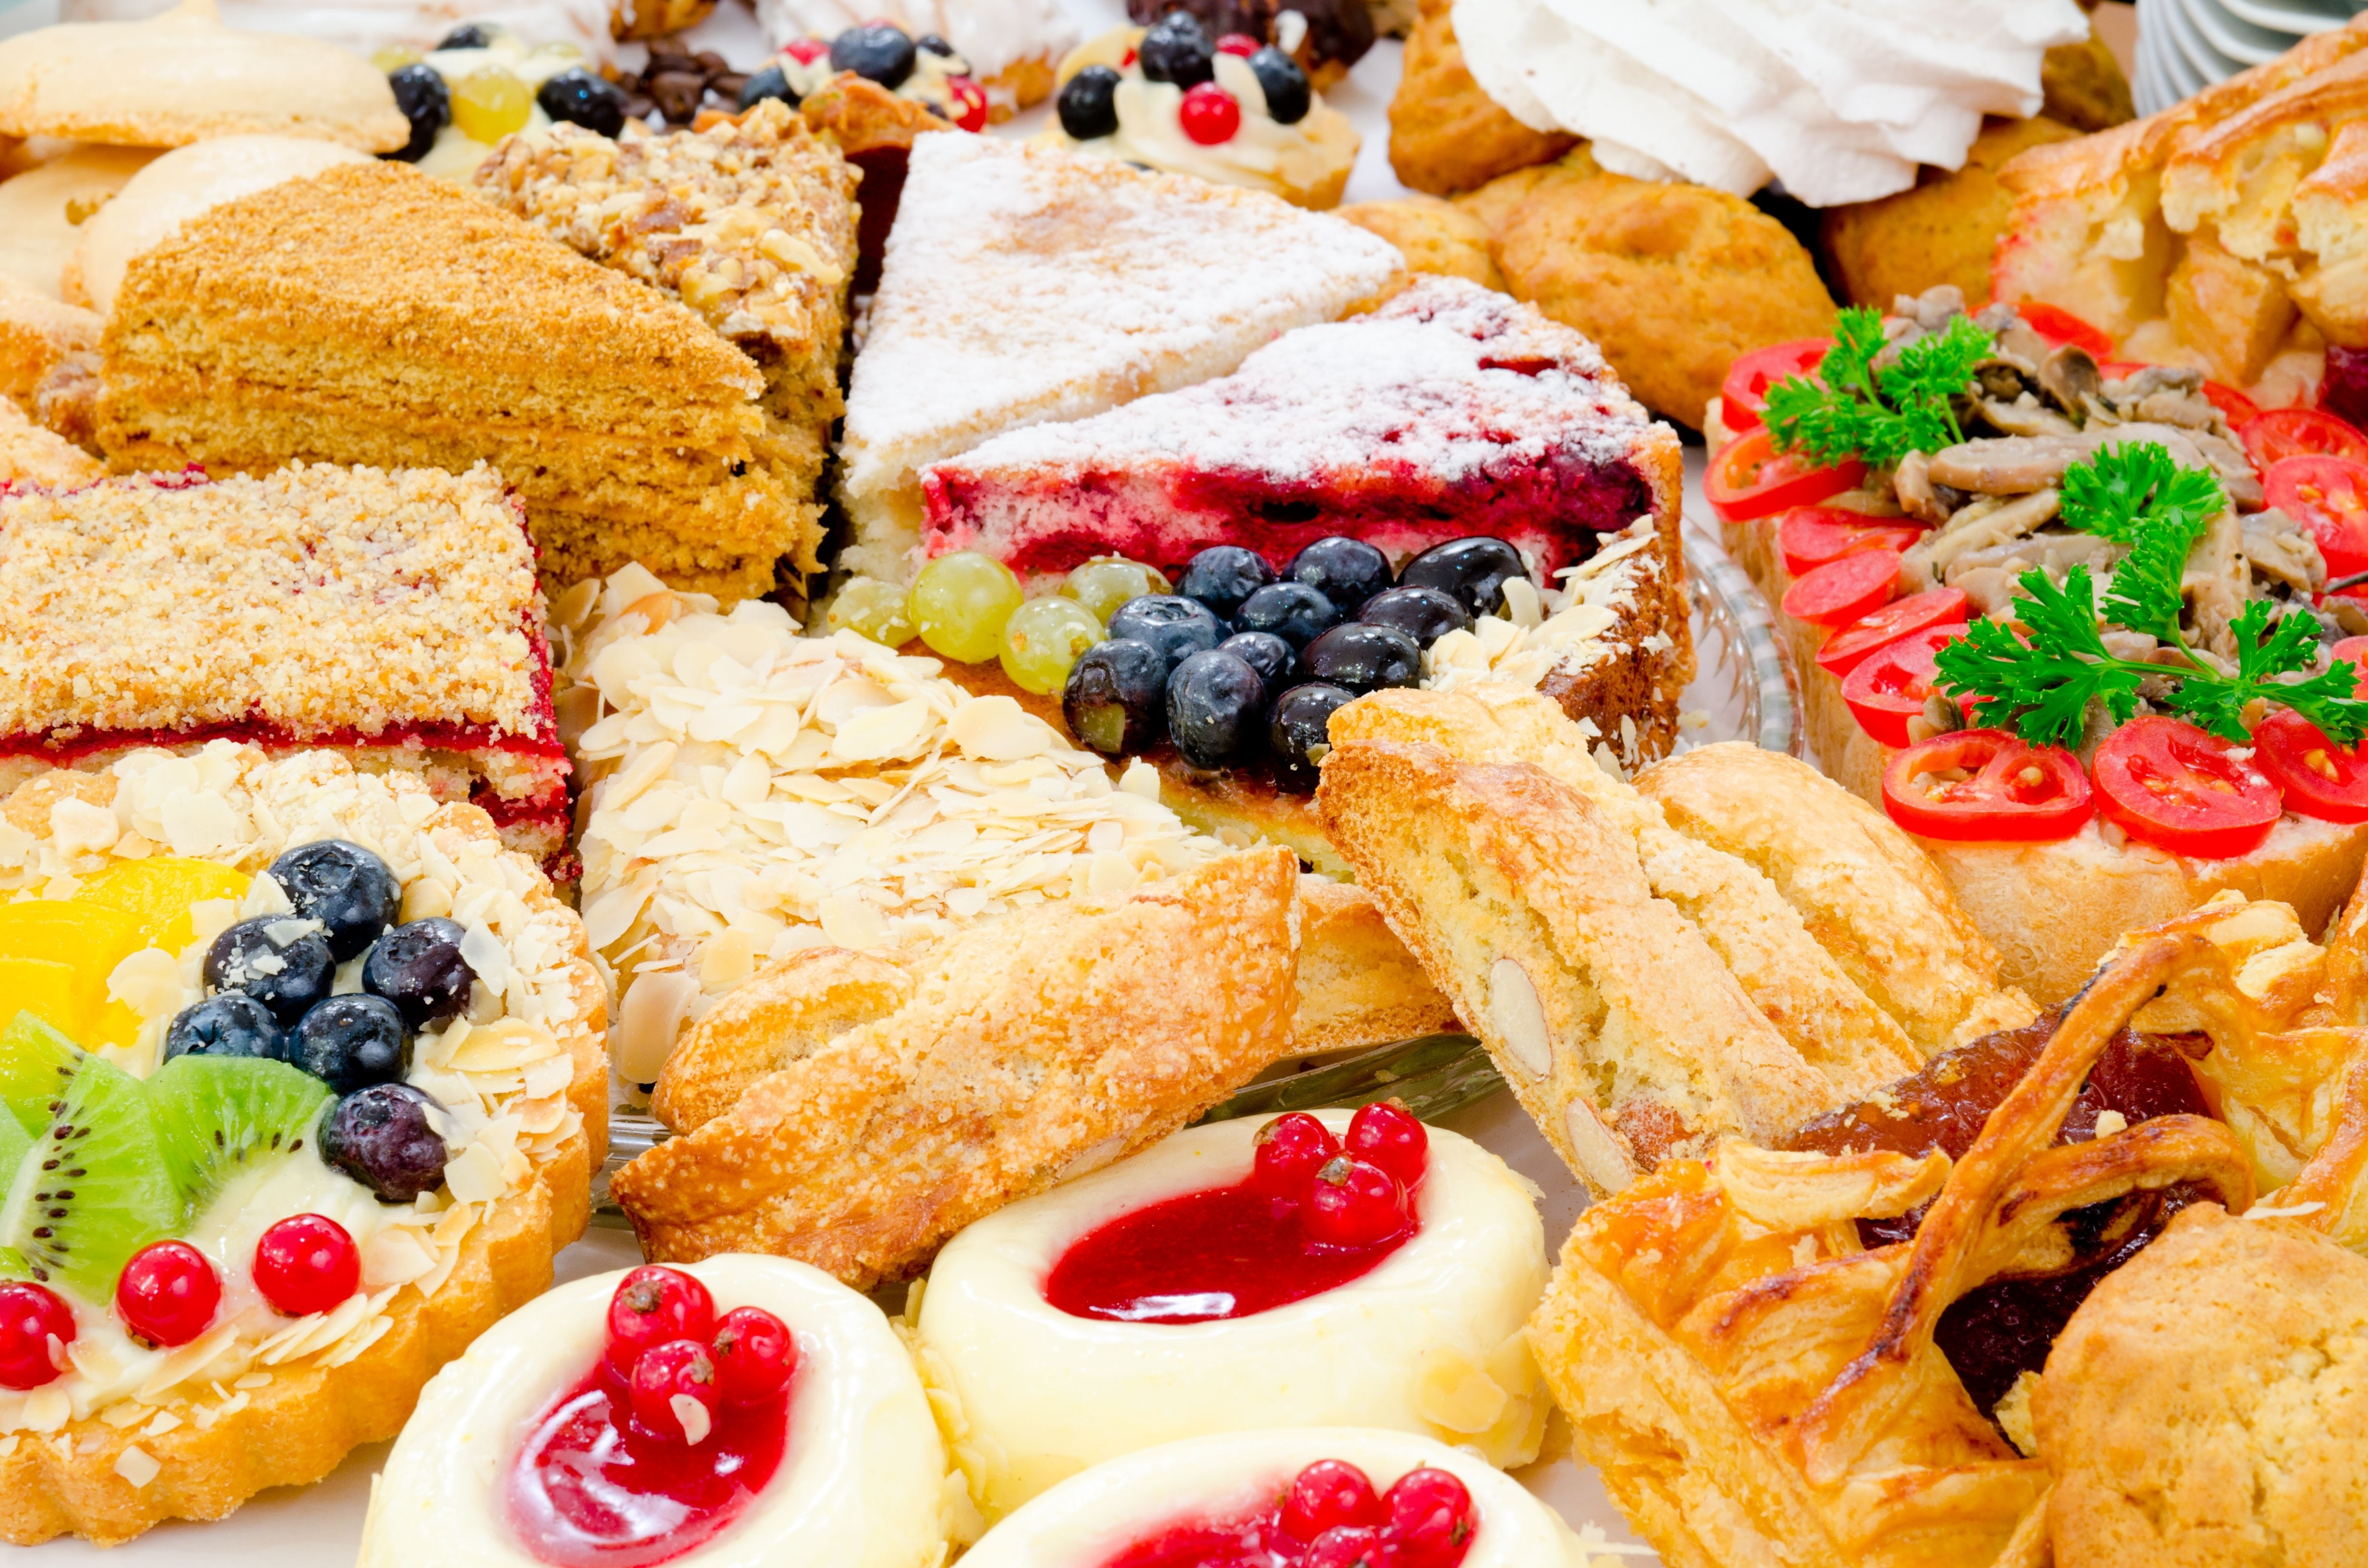 торт пирог  № 1406616 загрузить